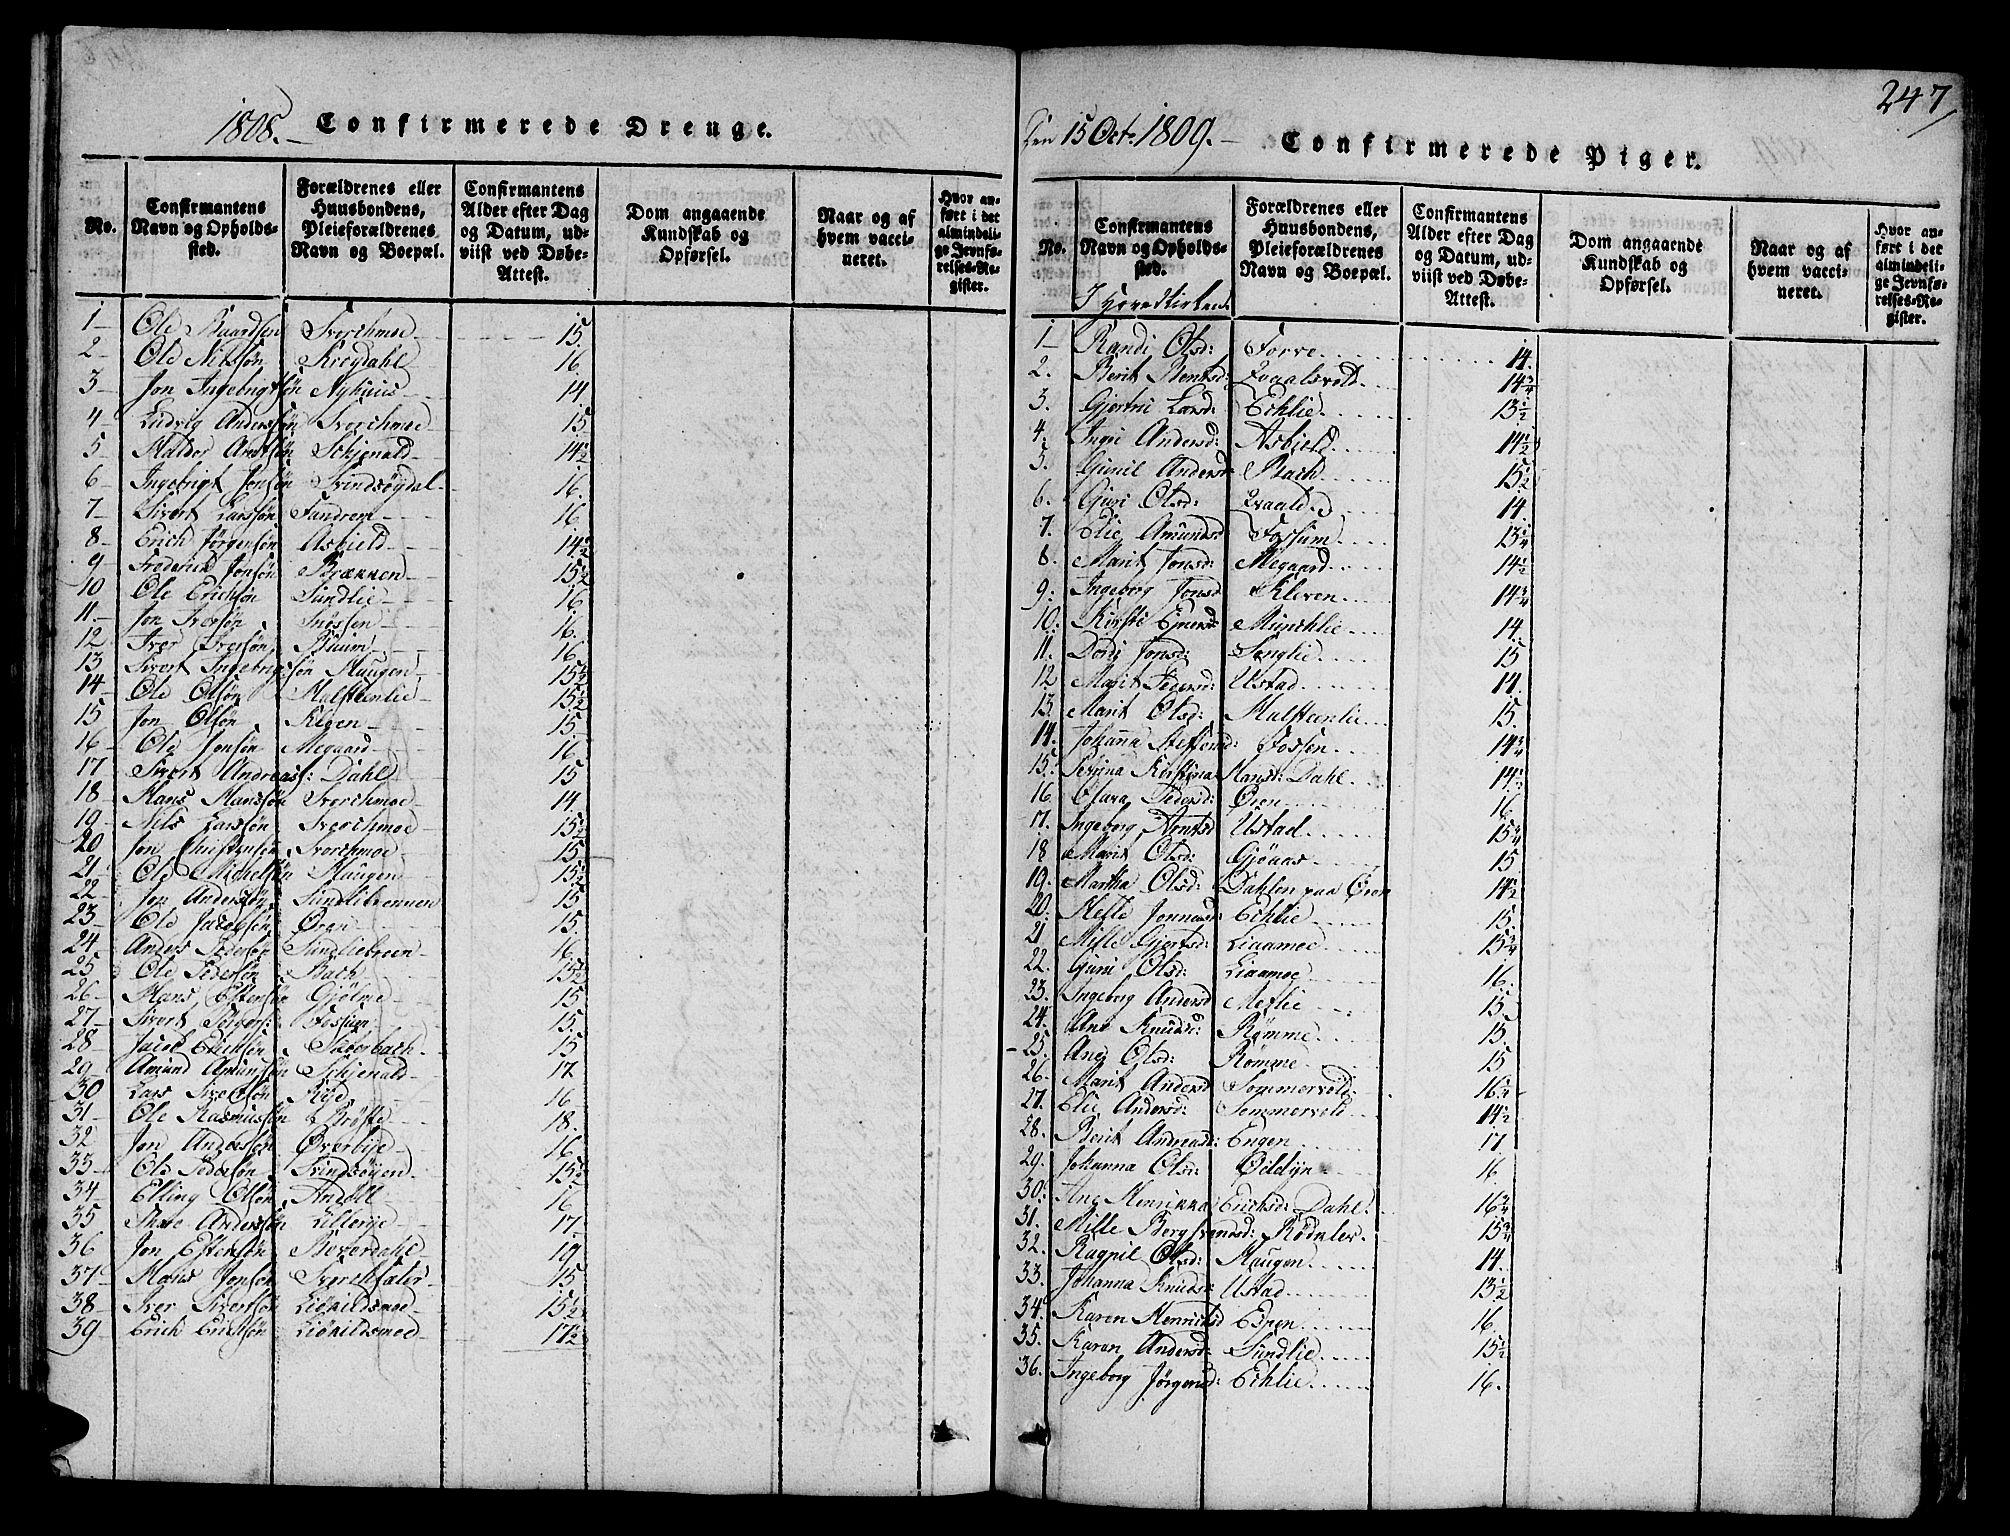 SAT, Ministerialprotokoller, klokkerbøker og fødselsregistre - Sør-Trøndelag, 668/L0803: Ministerialbok nr. 668A03, 1800-1826, s. 247